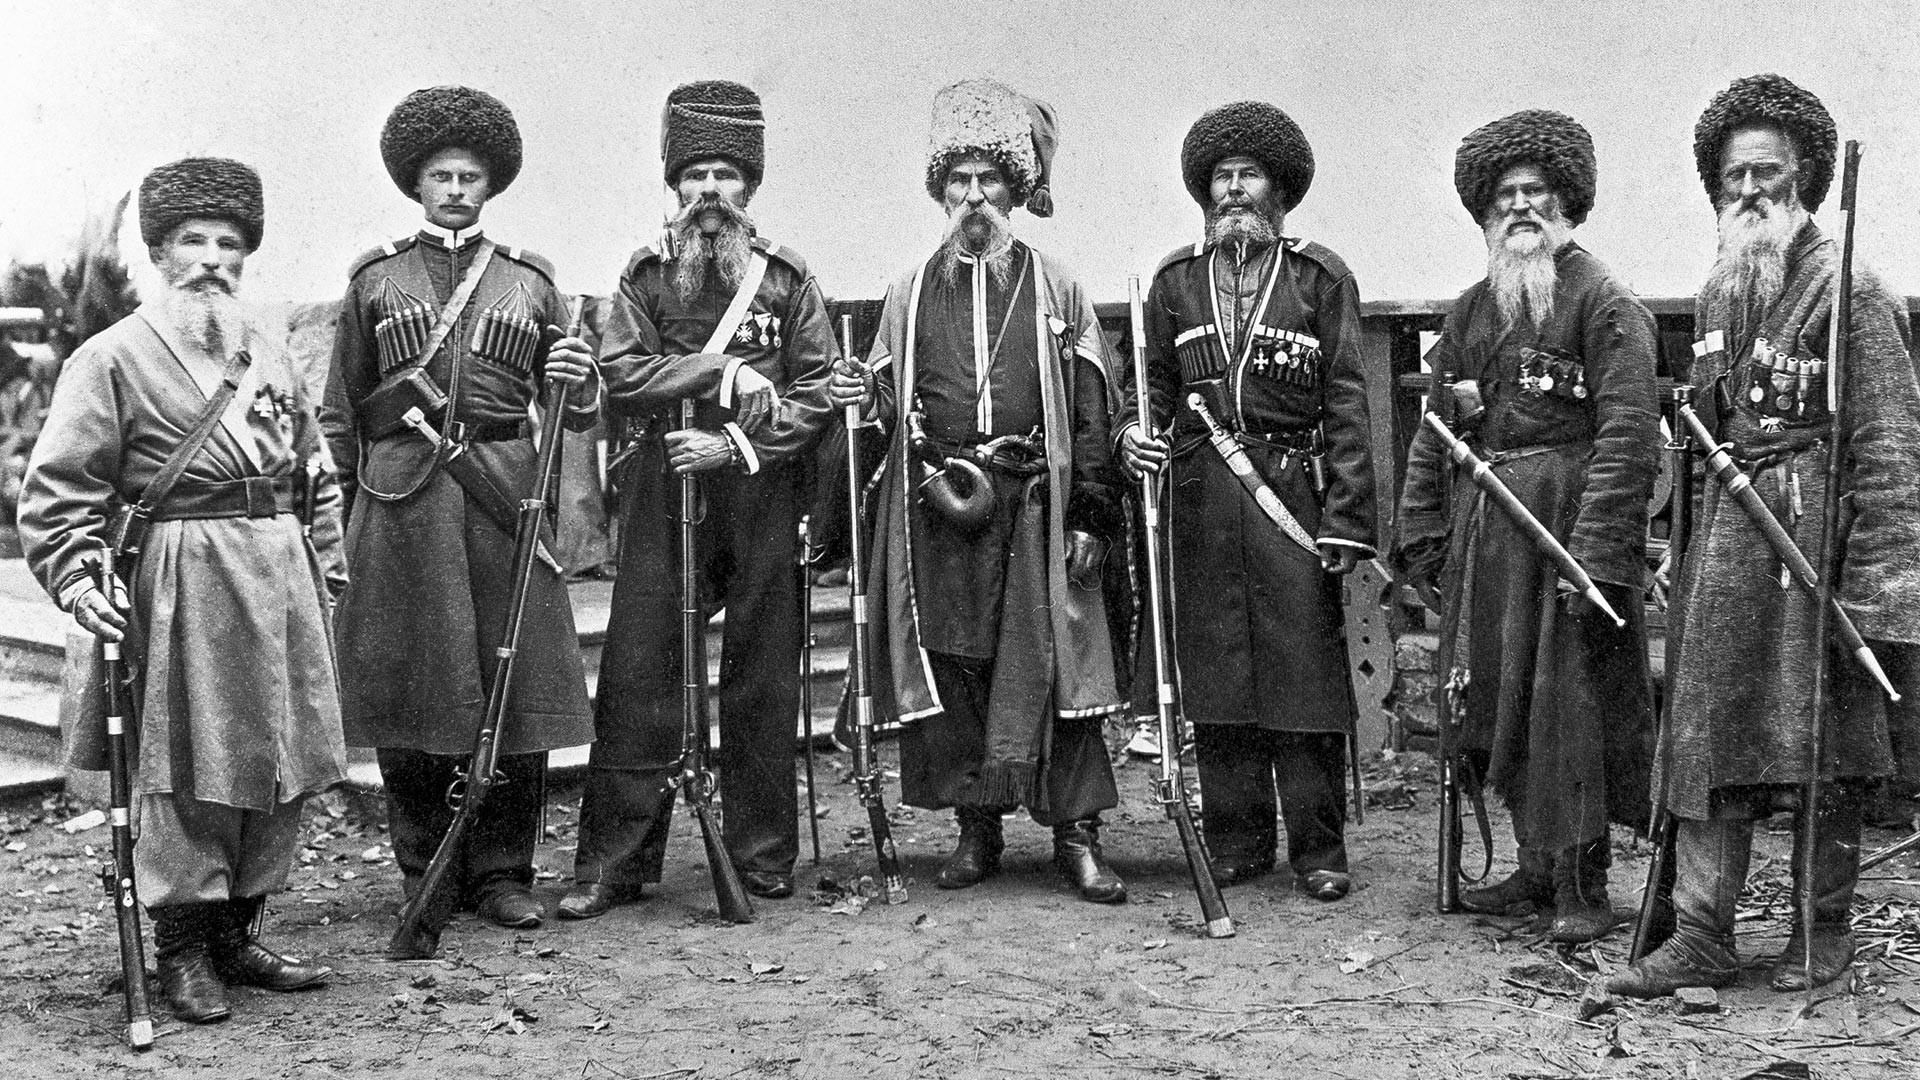 Kubanjski kozaci krajem 19. st.